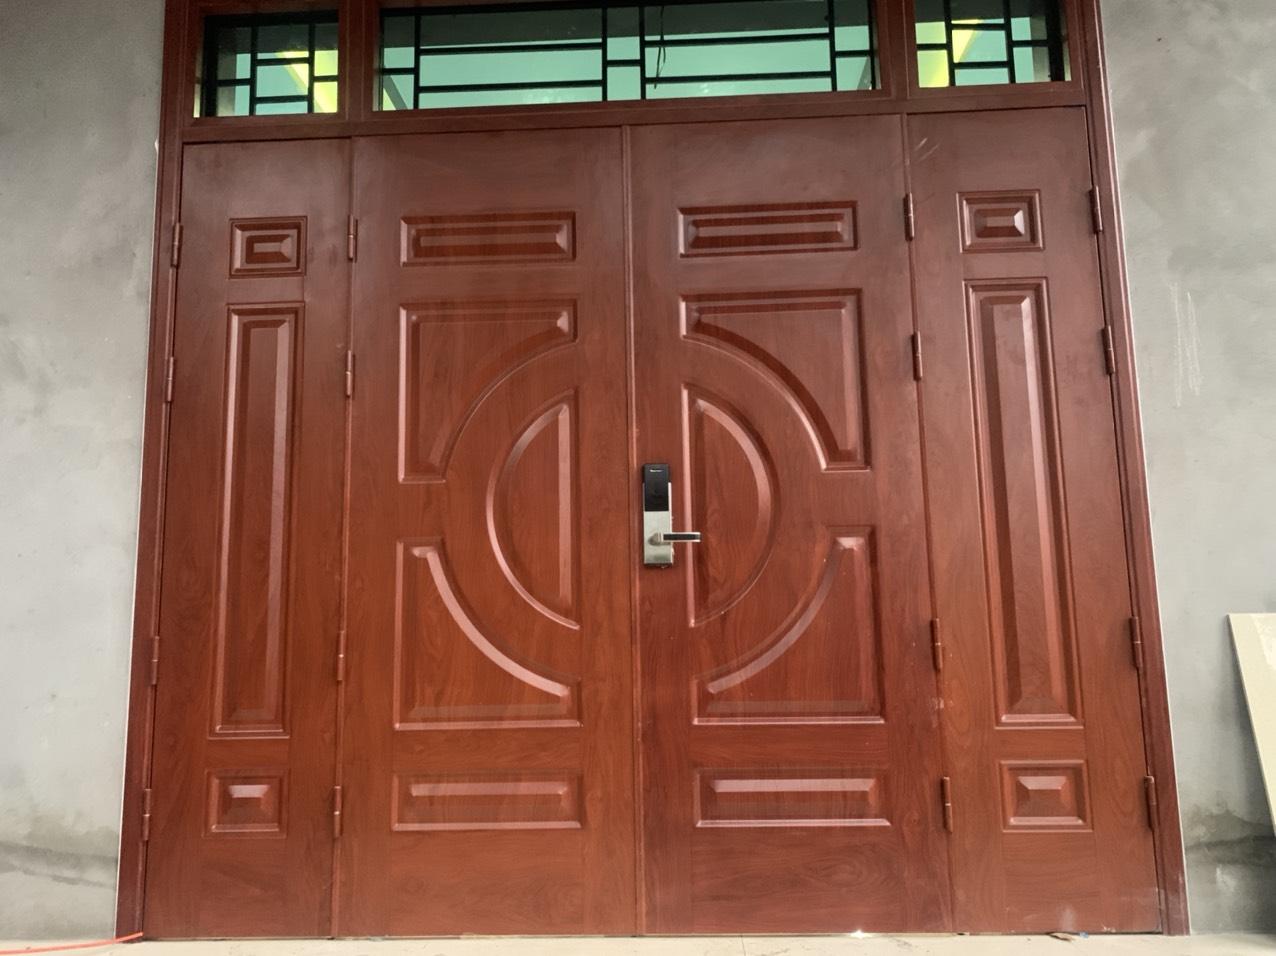 Báo giá cửa thép vân gỗ Vĩnh Phúc với nhiều ưu đãi